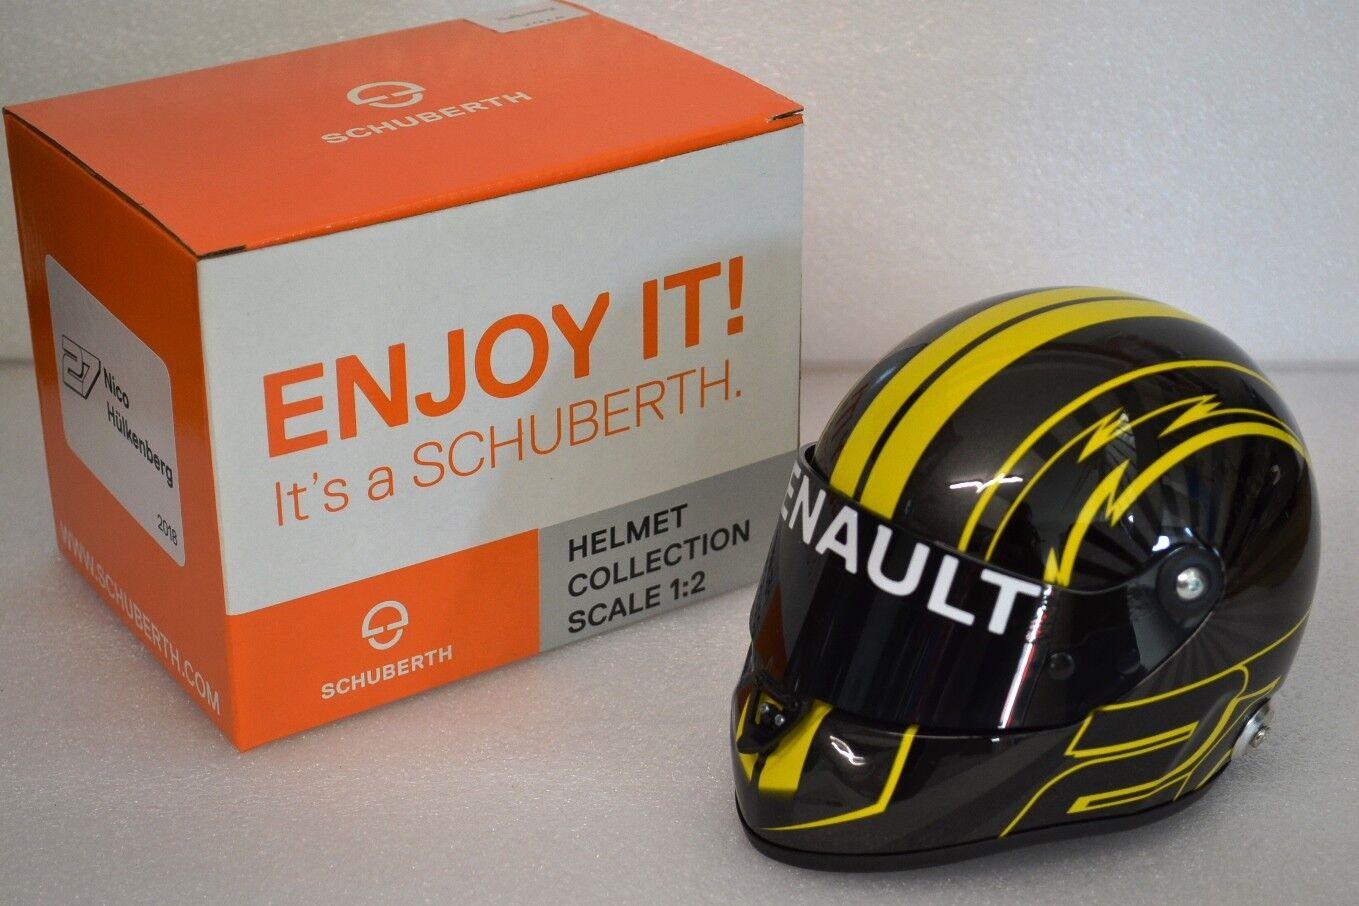 ofreciendo 100% Schuberth 1 2 Helmet Nico Hulkenberg Renault Renault Renault F1 2018 brand new boxed  el más barato